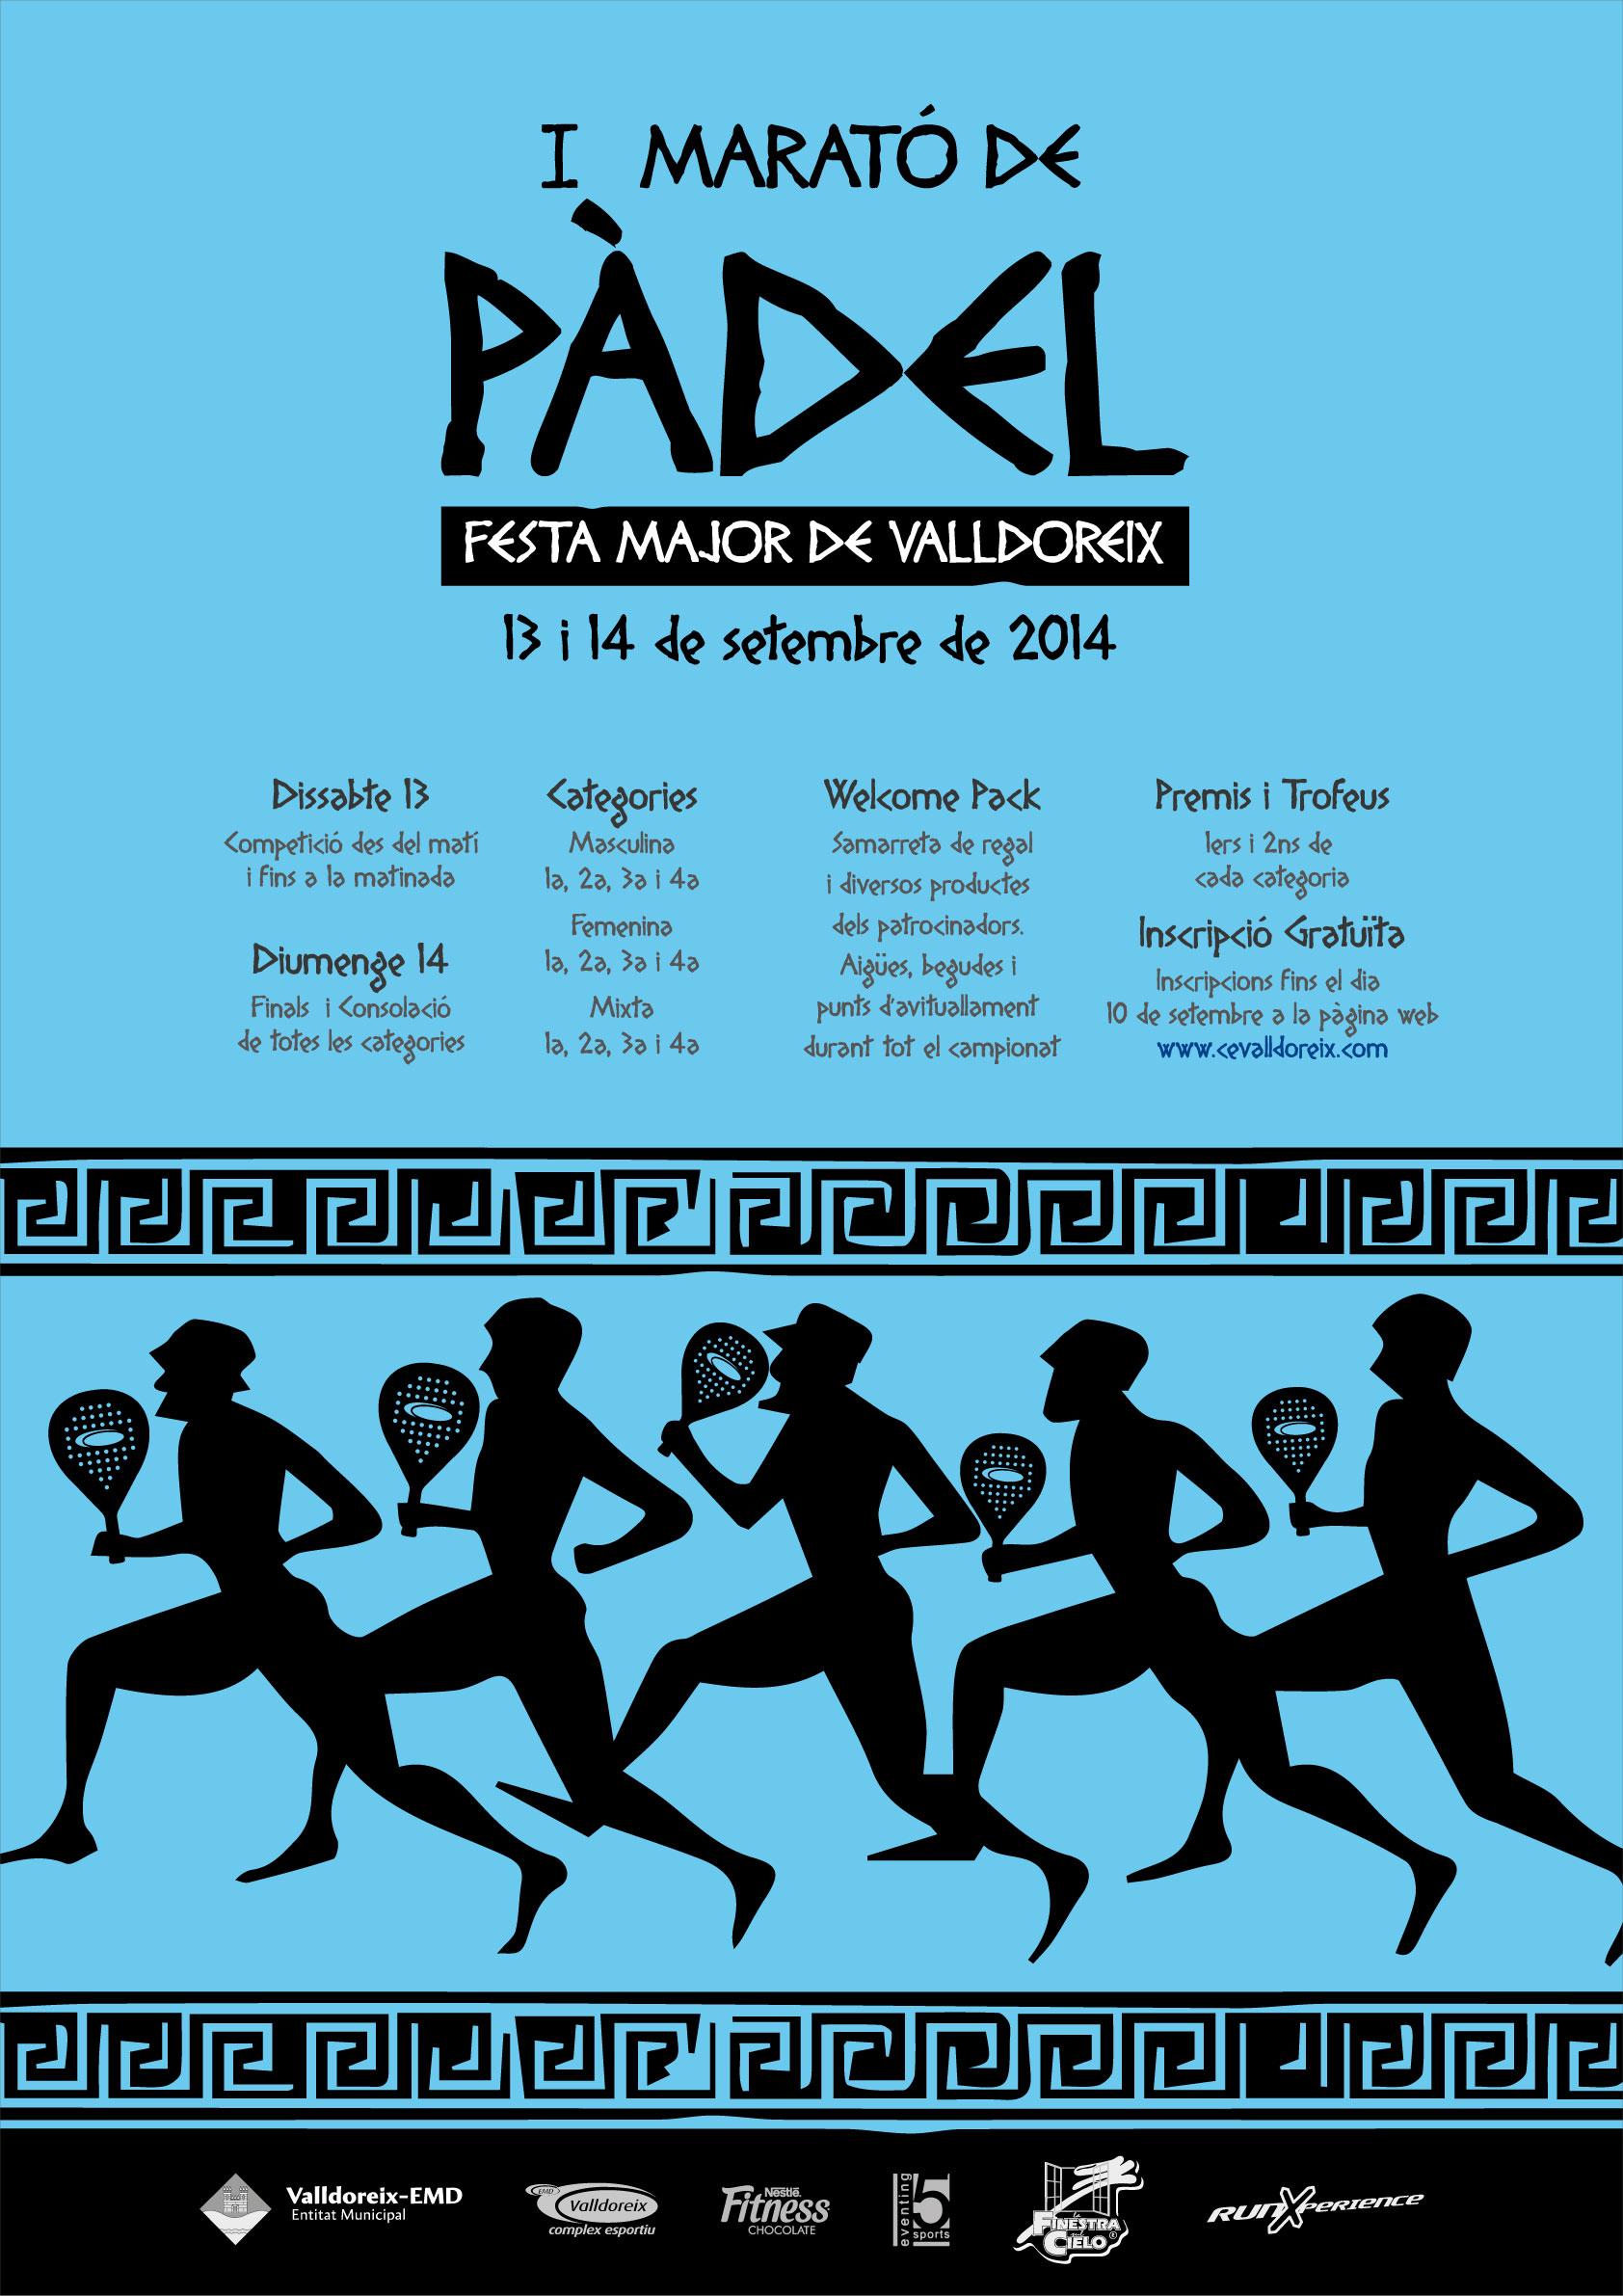 Marató de Pàdel de Festa Major